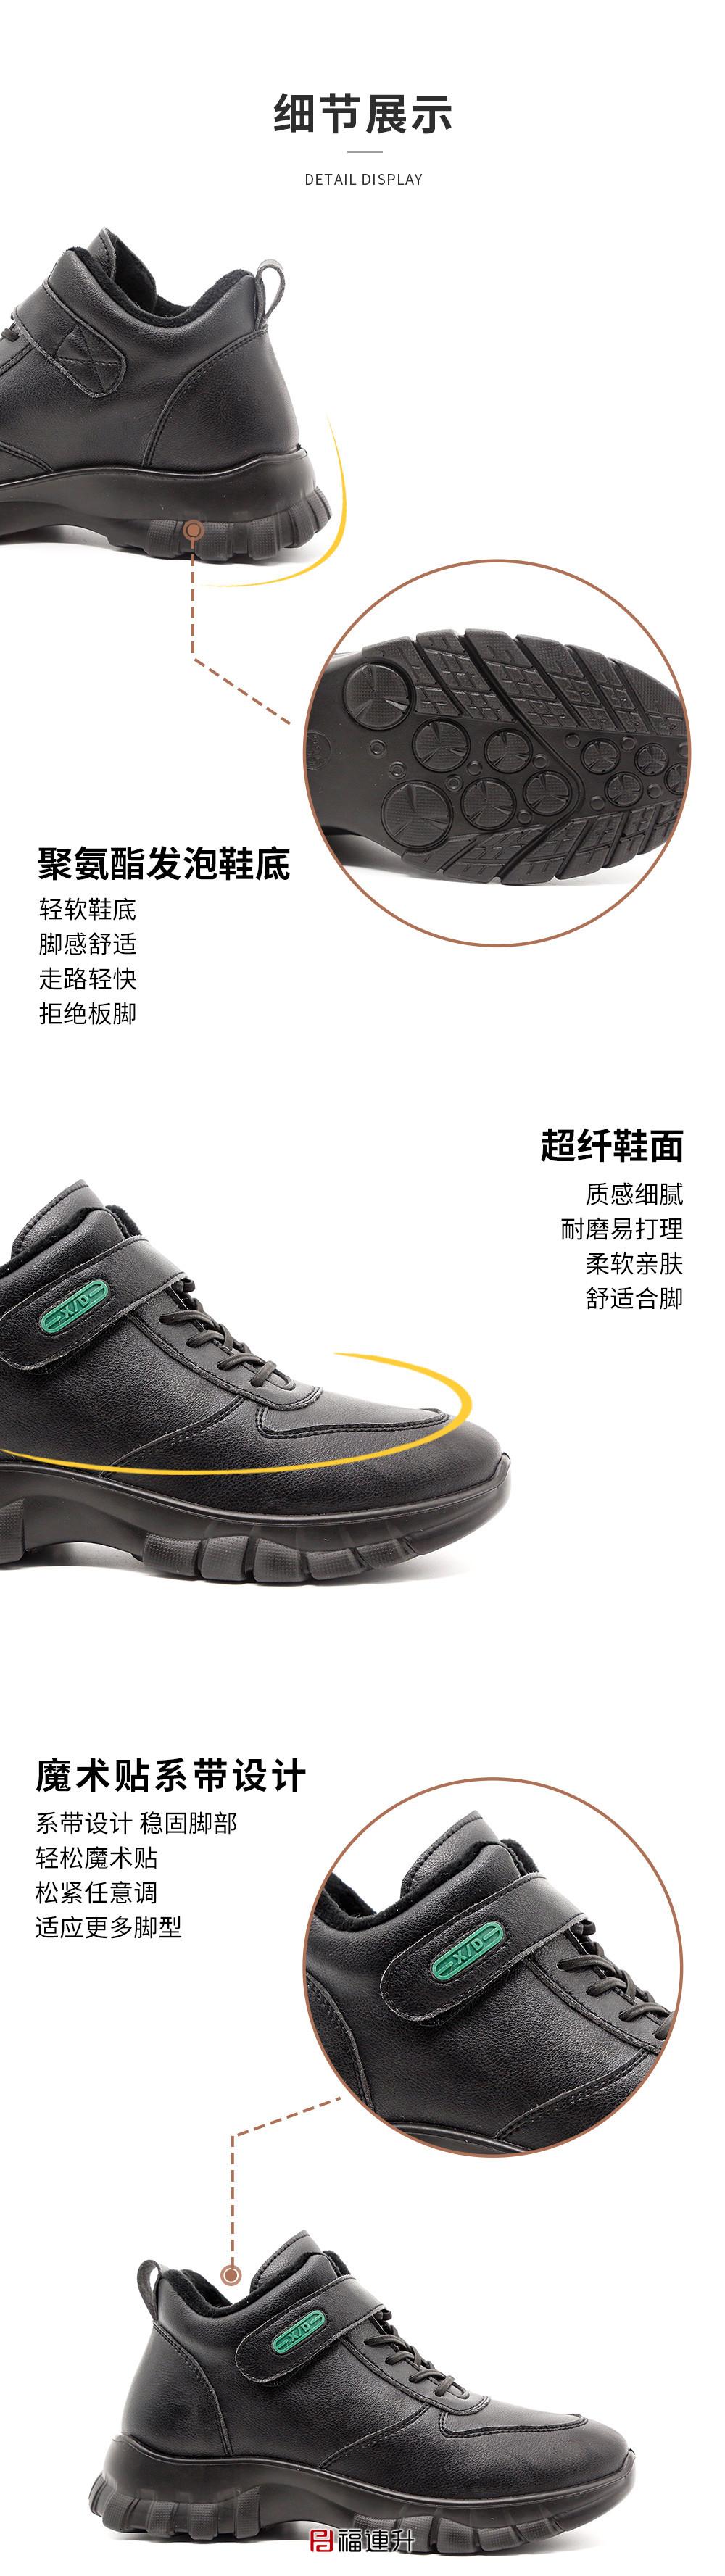 福连升2020冬季新款高帮轻弹保暖隔寒保暖运动女鞋图片